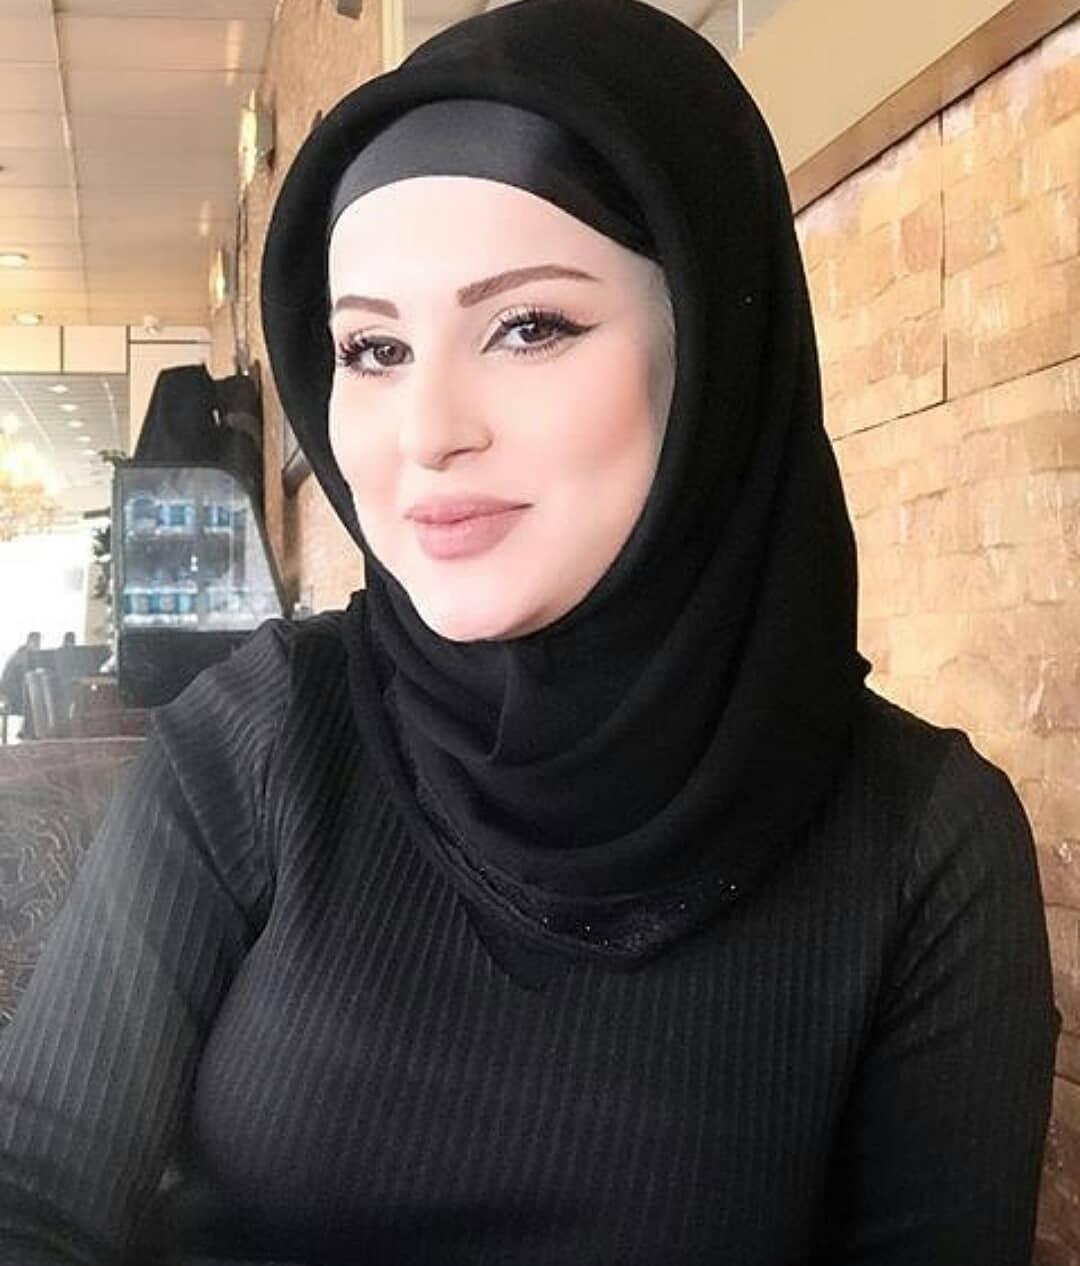 بالصور اجمل بنات محجبات , حجابات جميلة 4469 10